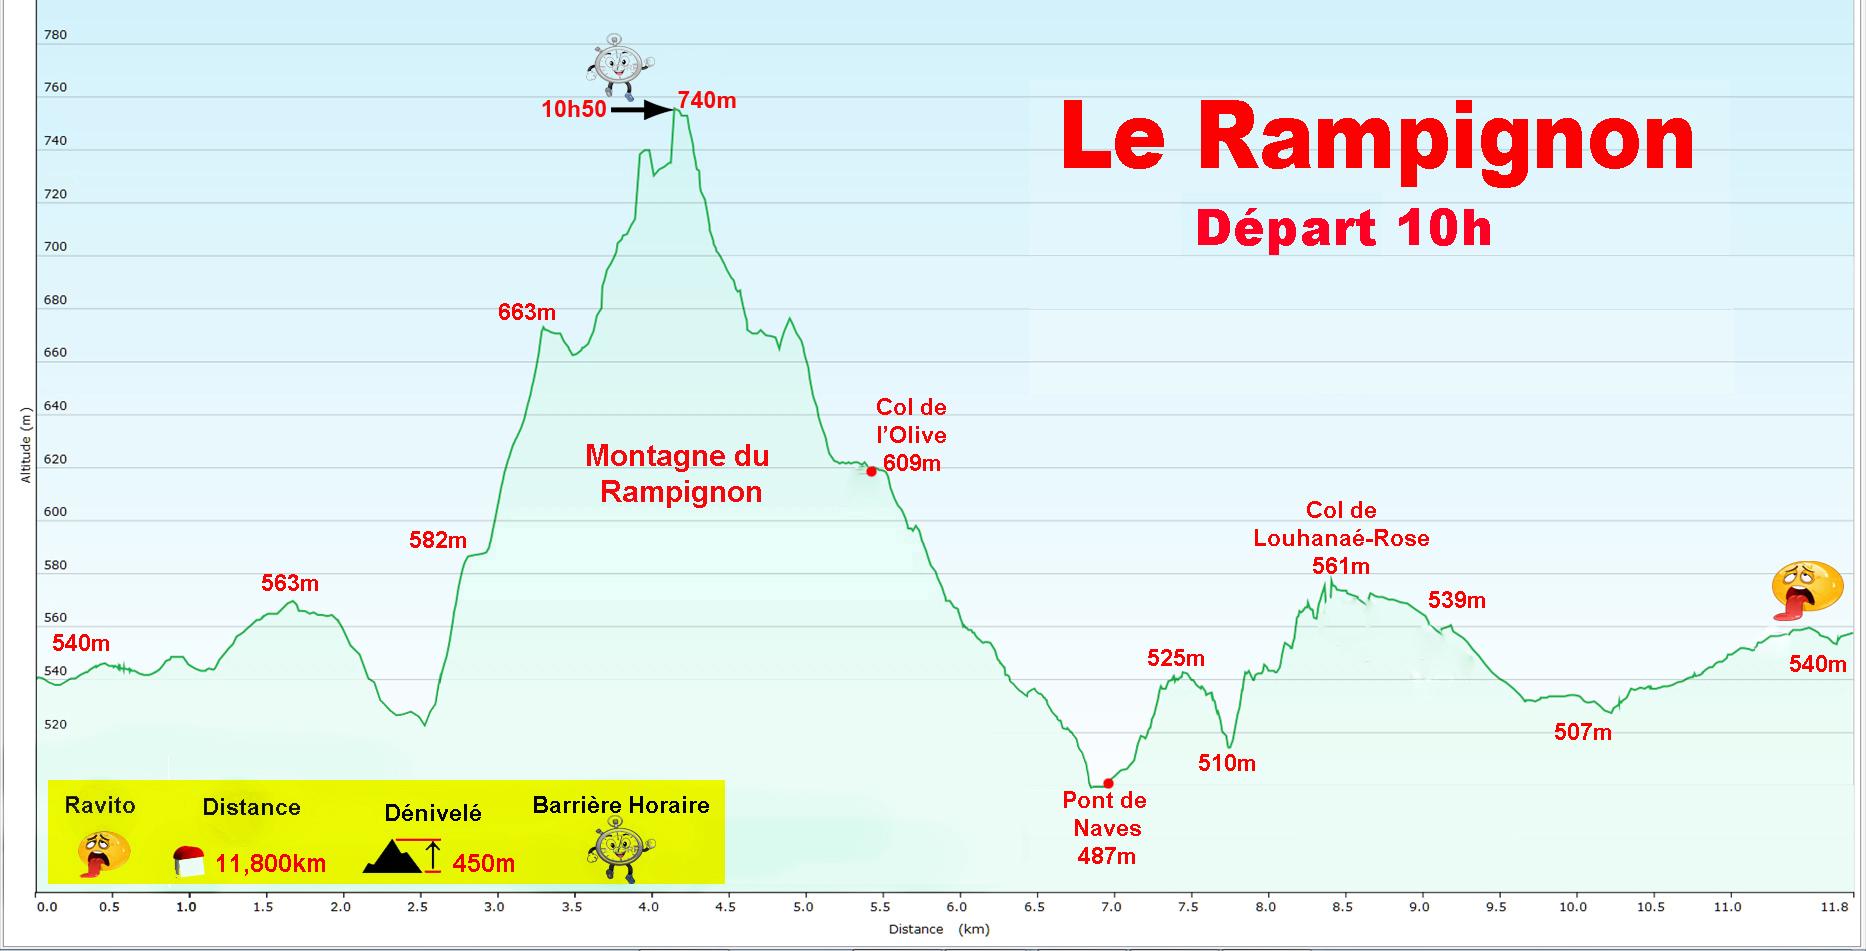 Rampignon